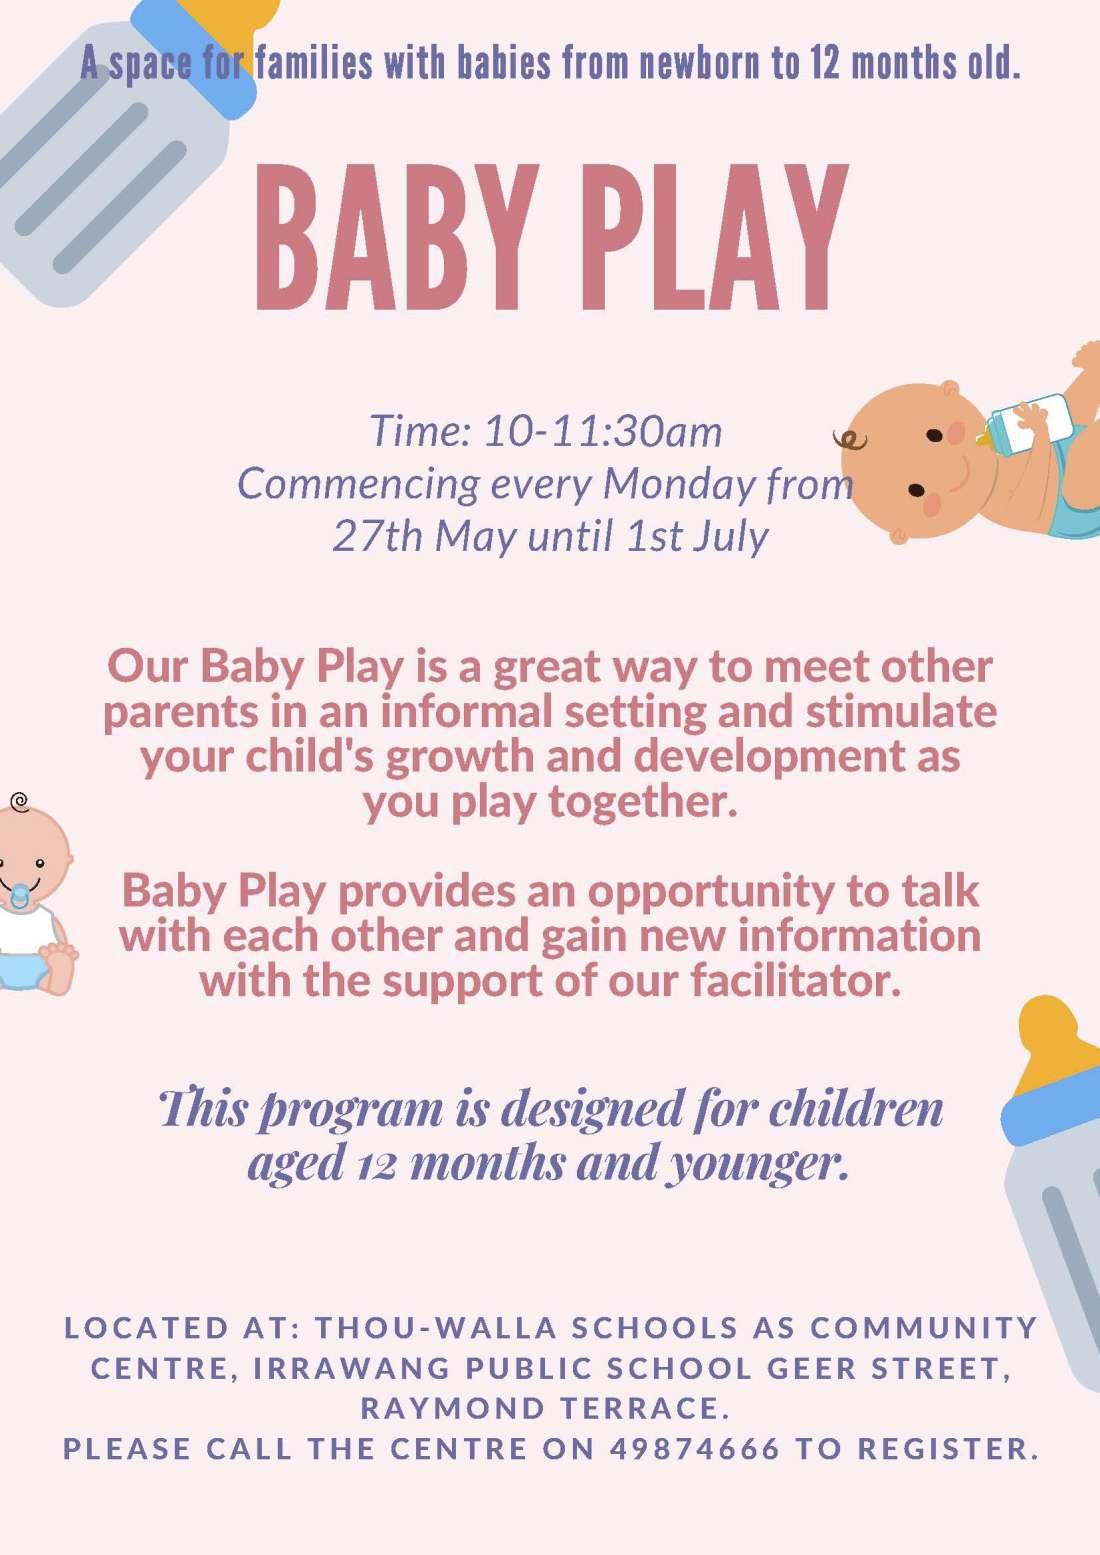 BabyPlay